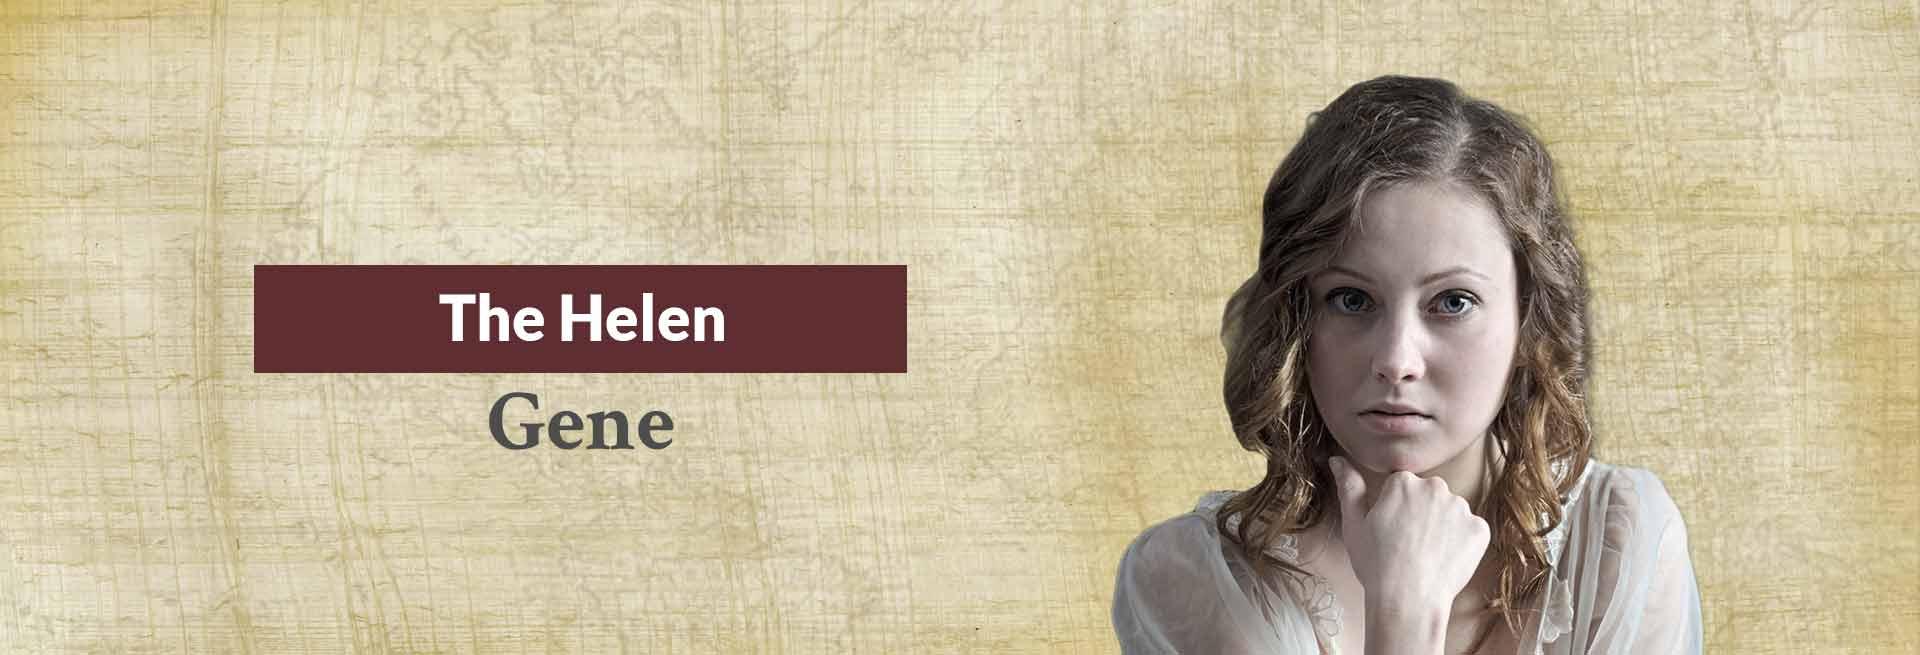 The Helen Gene Banner